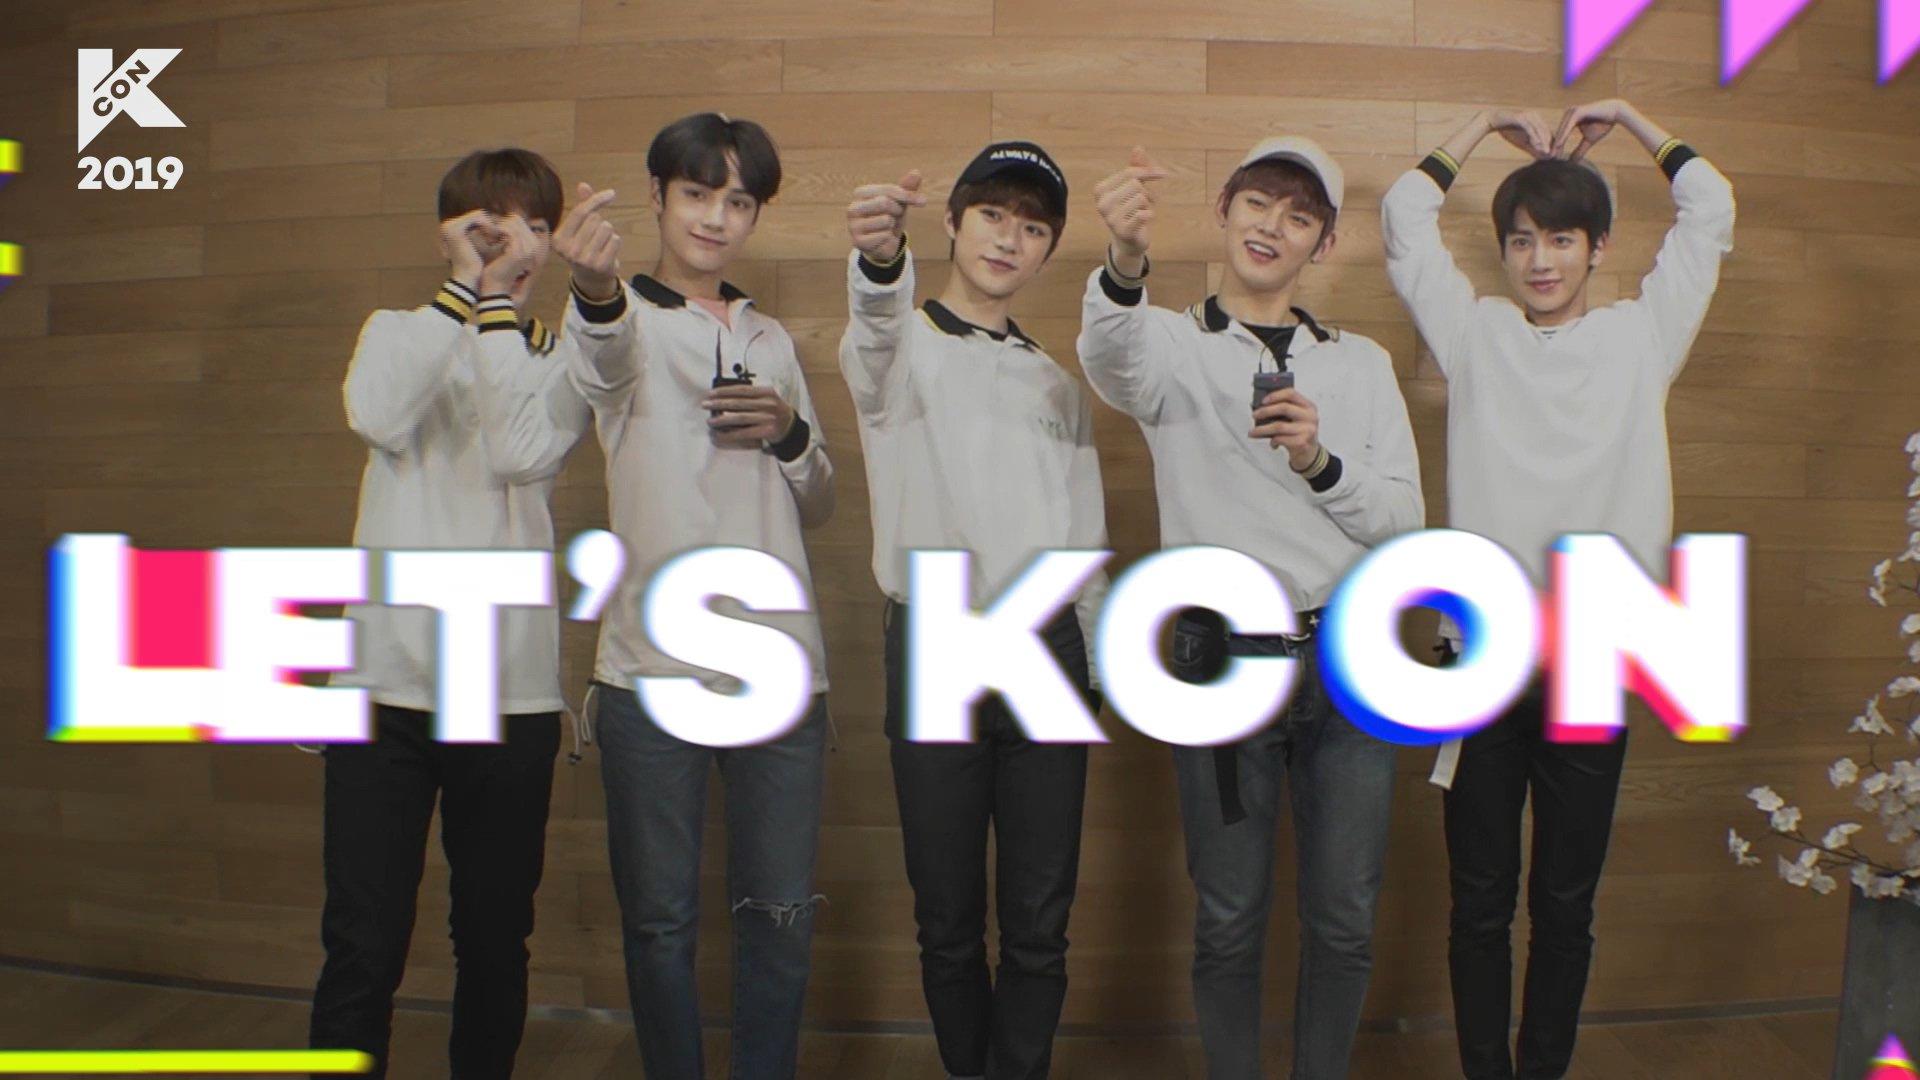 TXT will be attending #KCON 2019! @TXT_bighit @TXT_members https://t.co/hNiqfb9Z1Q